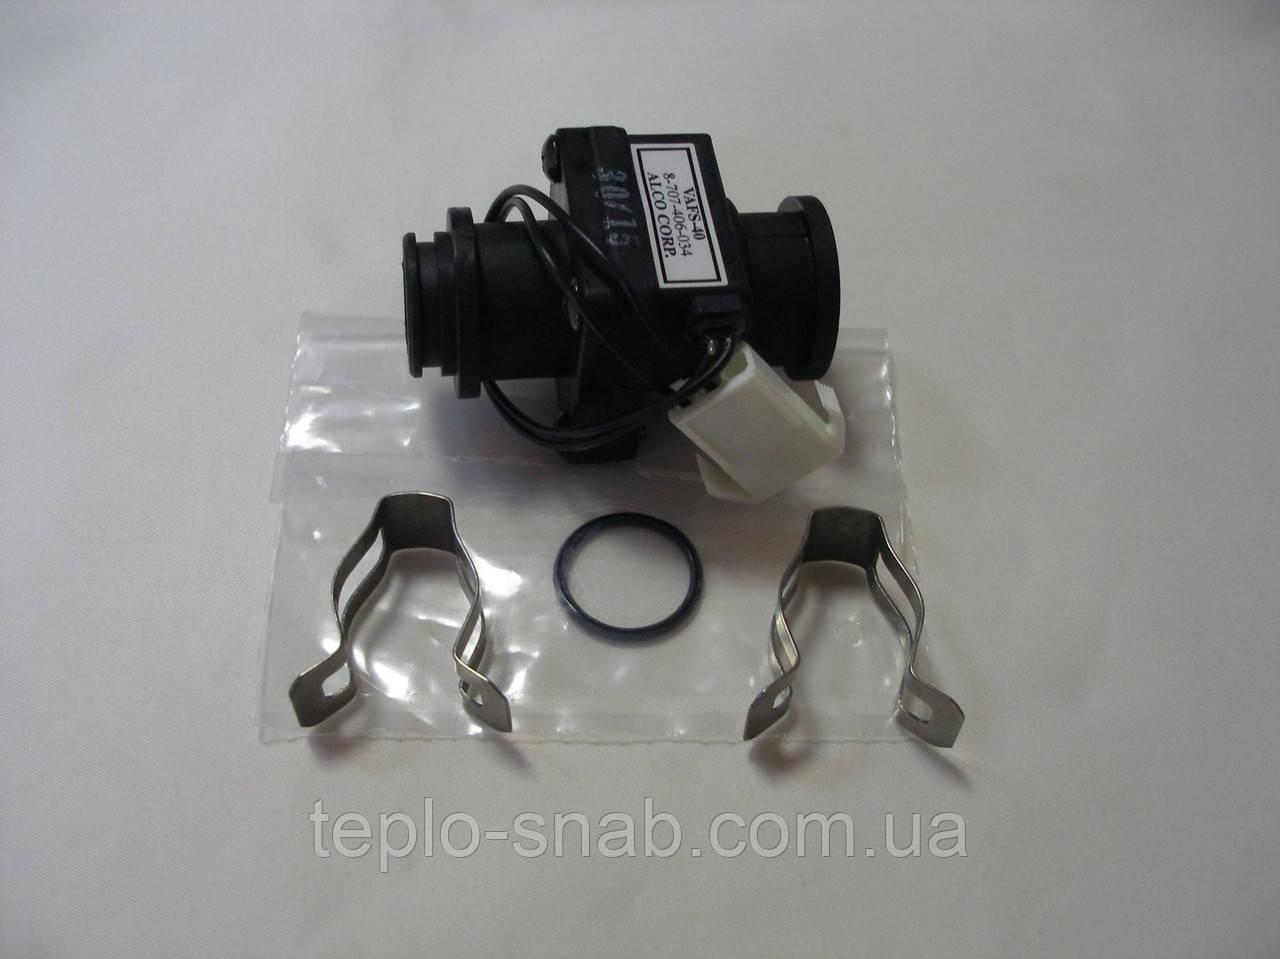 Реле протока (водяной переключатель) газового котла Junkers/Bosch ZW23KE. 8707406034